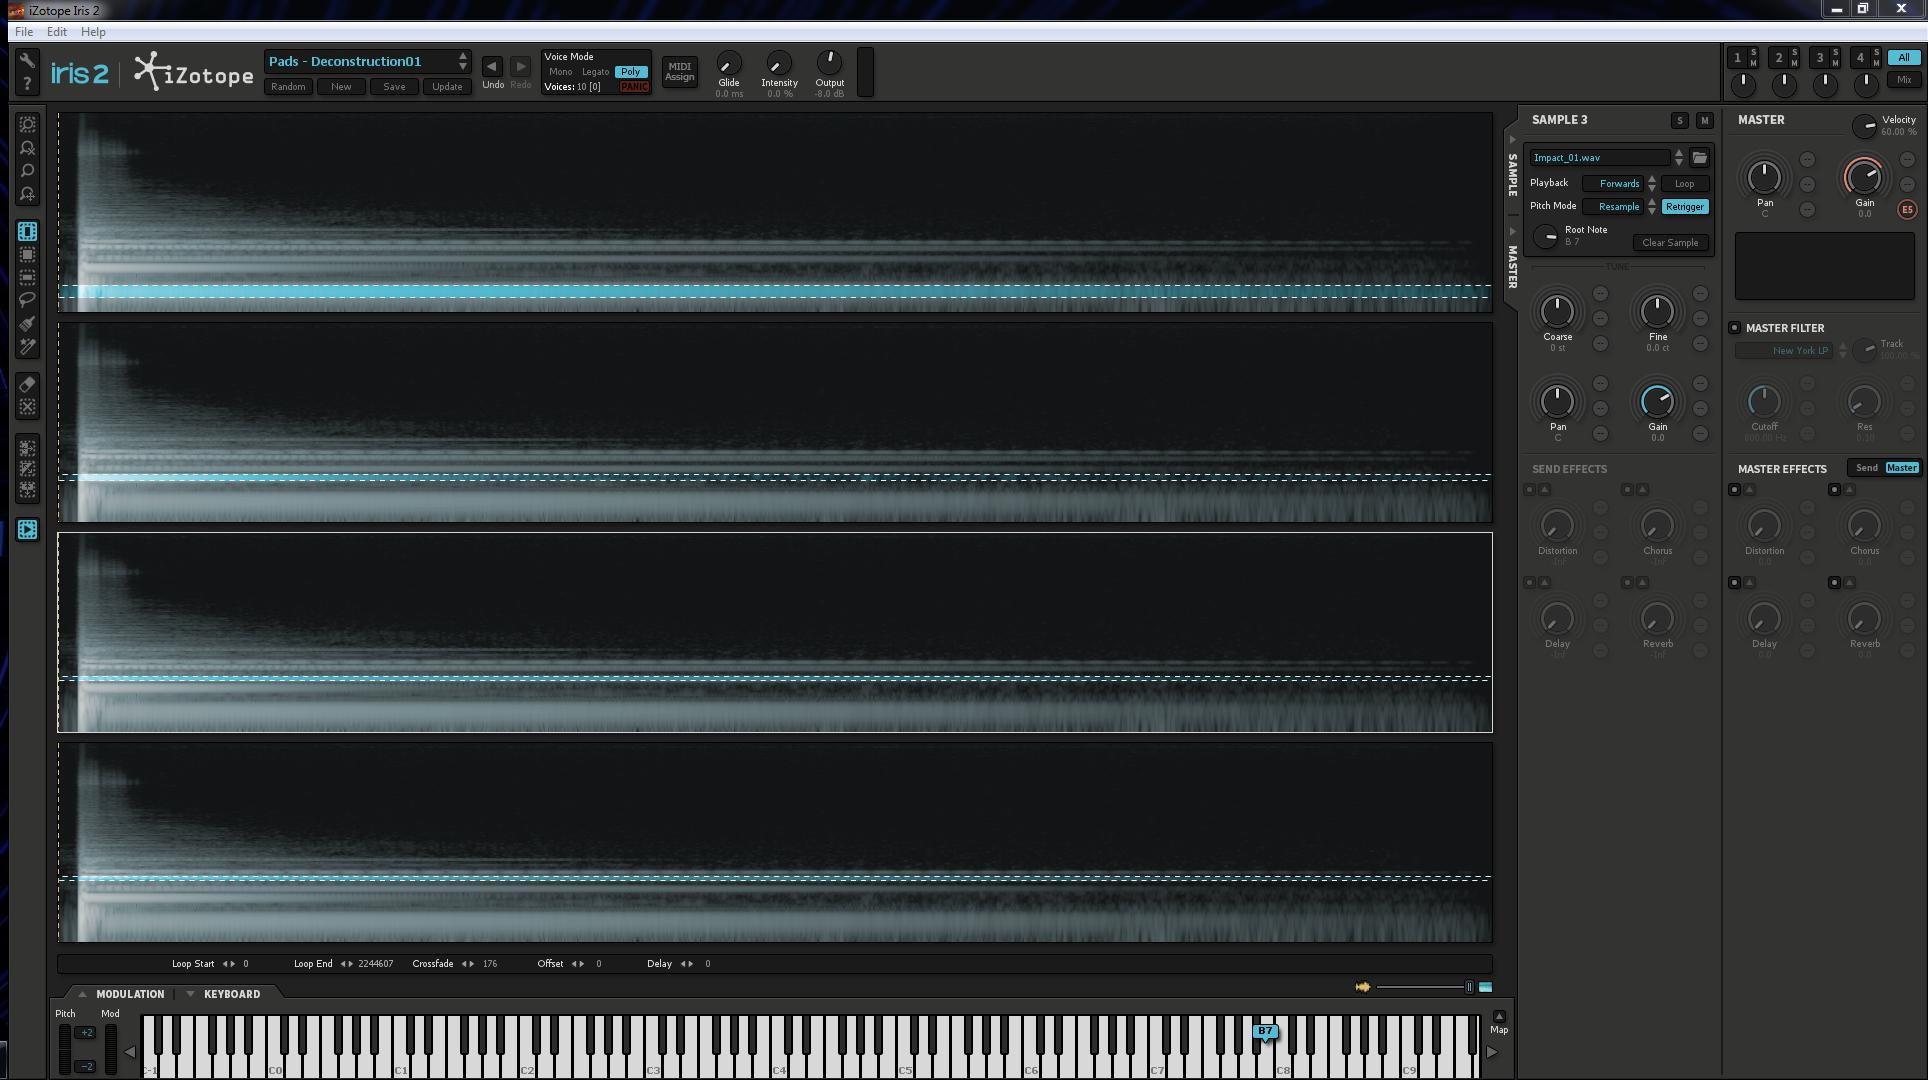 Harmonic selections 1, 2, 3 & 4